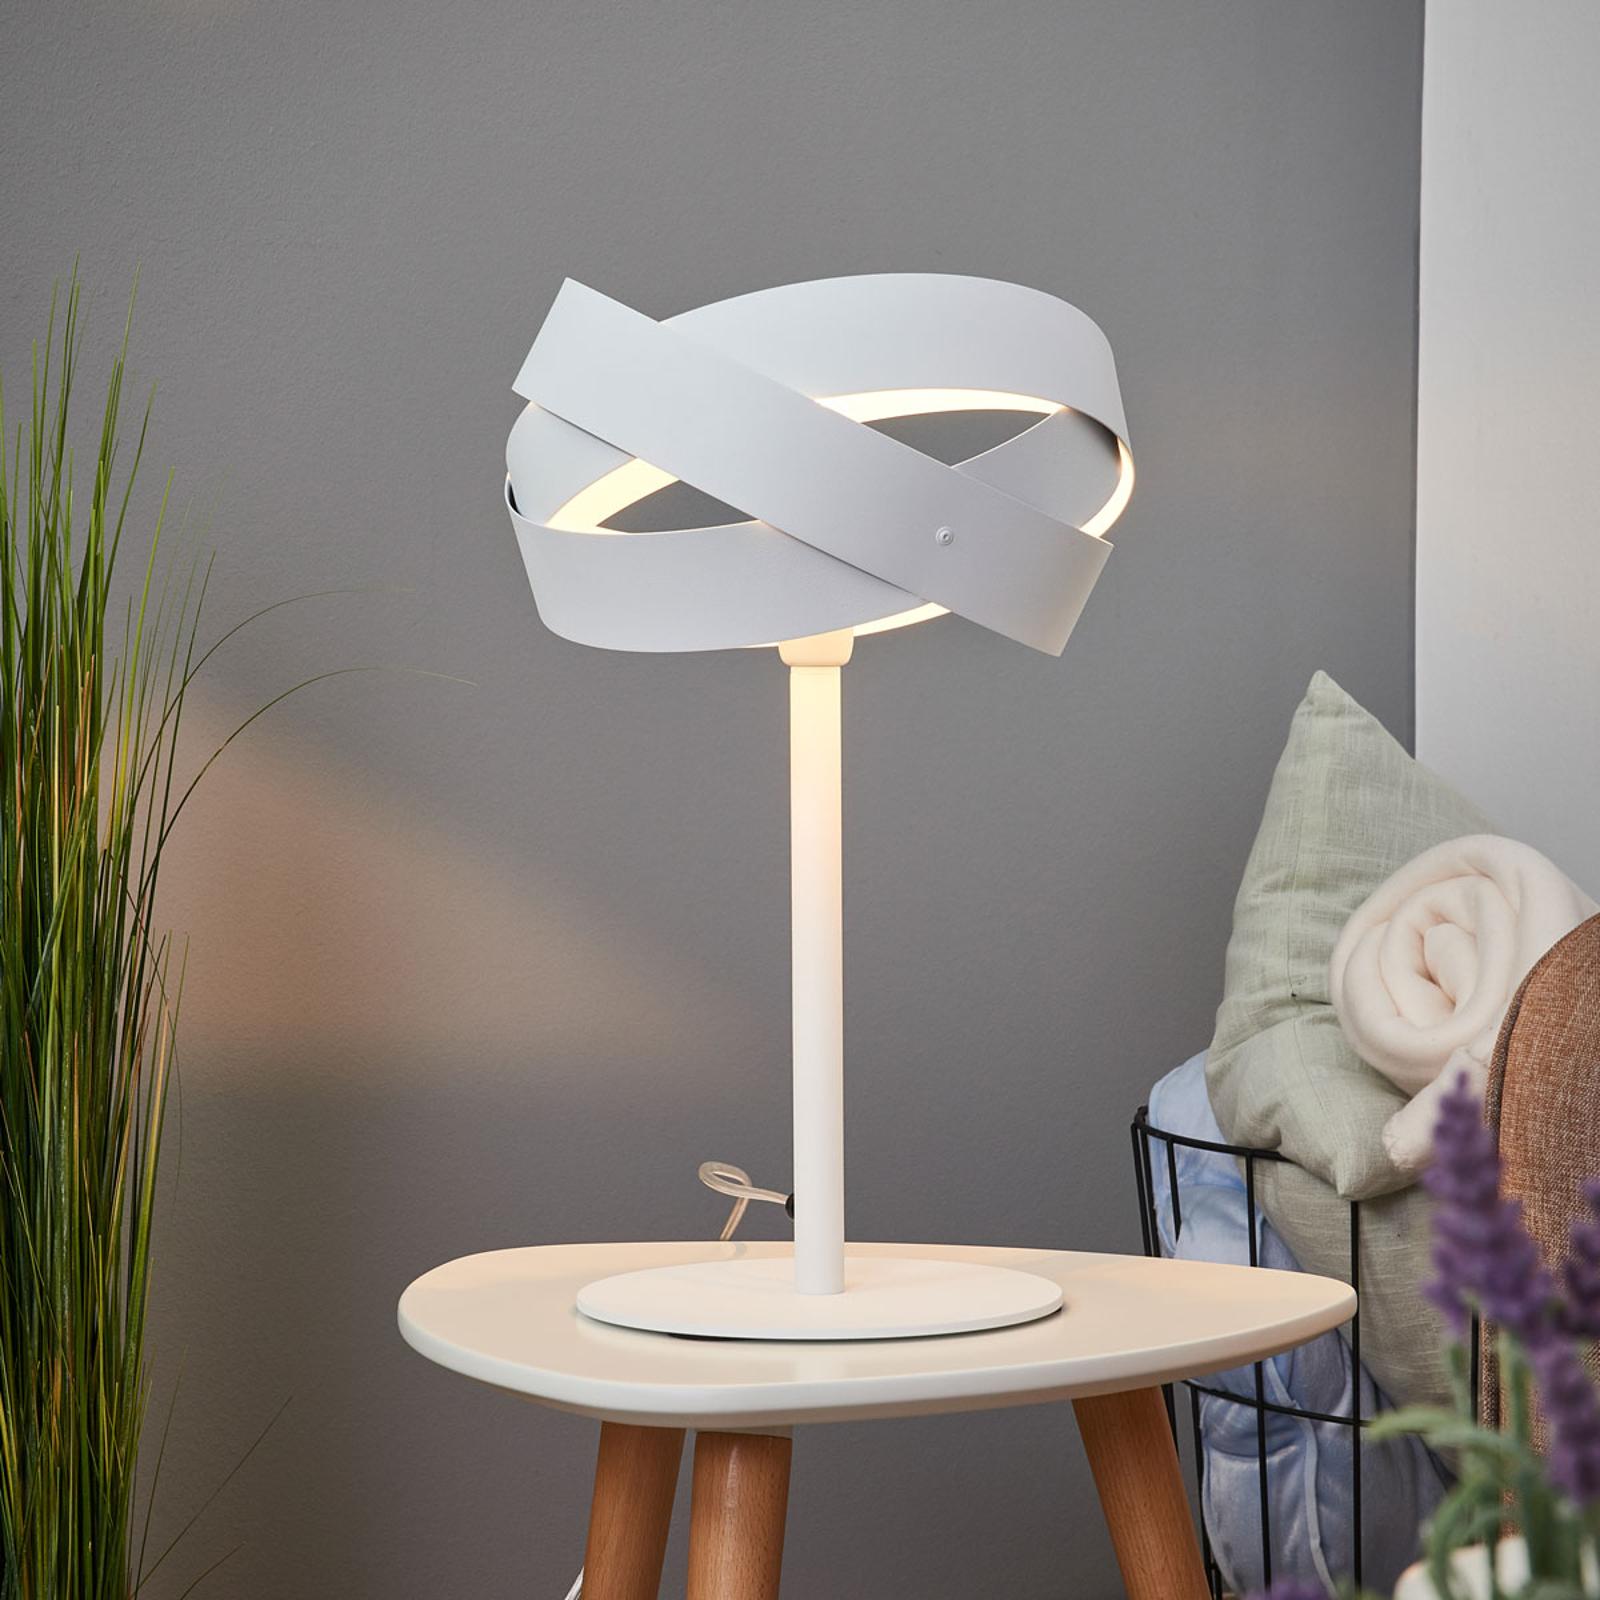 Tornado - aantrekkelijk vormgegeven tafellamp